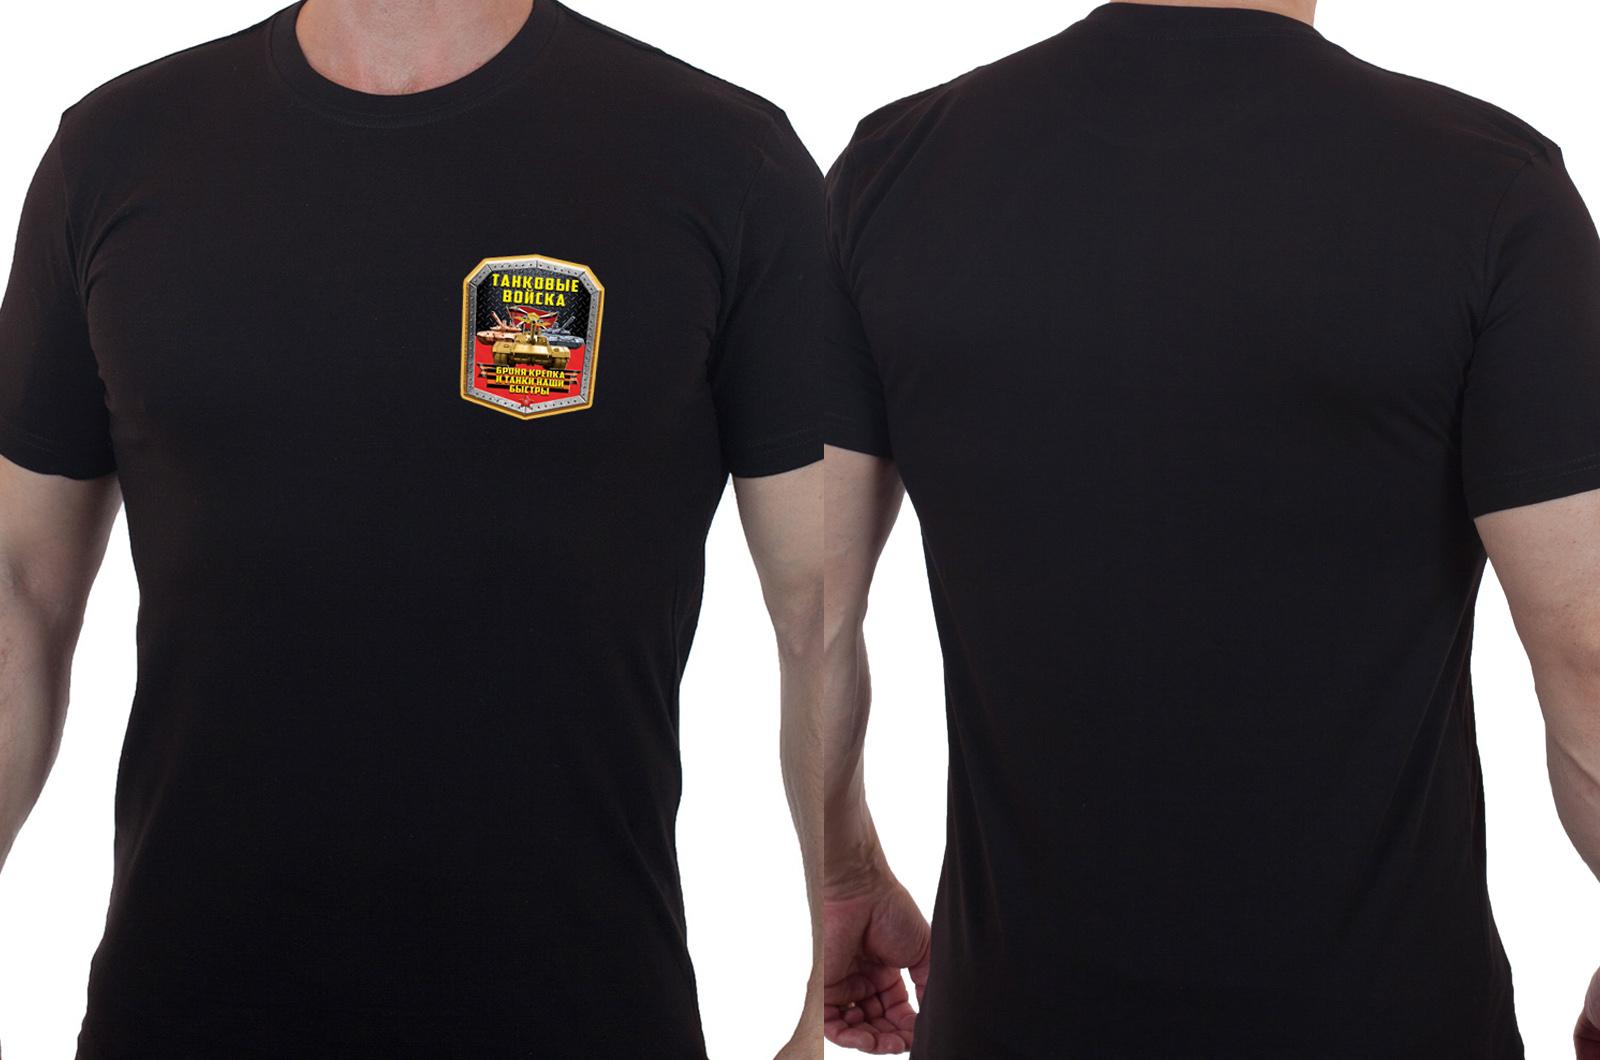 Крутая футболка для крутого танкиста – Броня крепка и танки наши быстры!